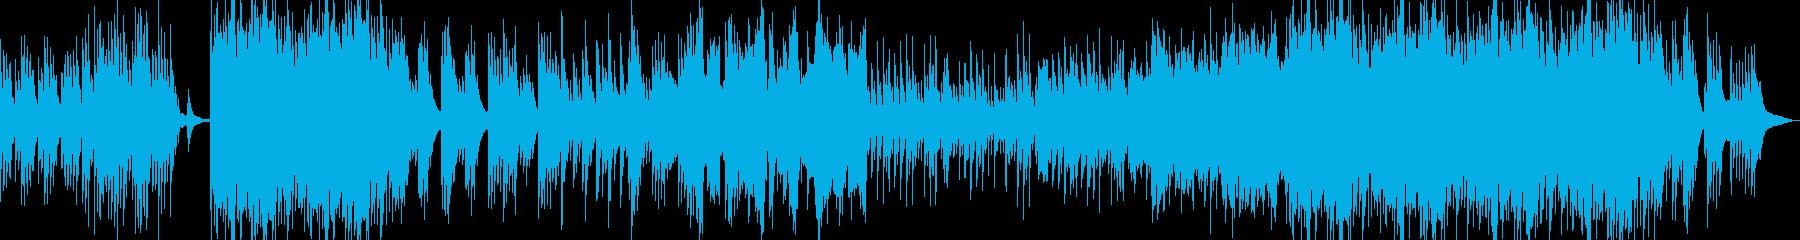 和風琴オーケストラ温かい春企業PVBGMの再生済みの波形